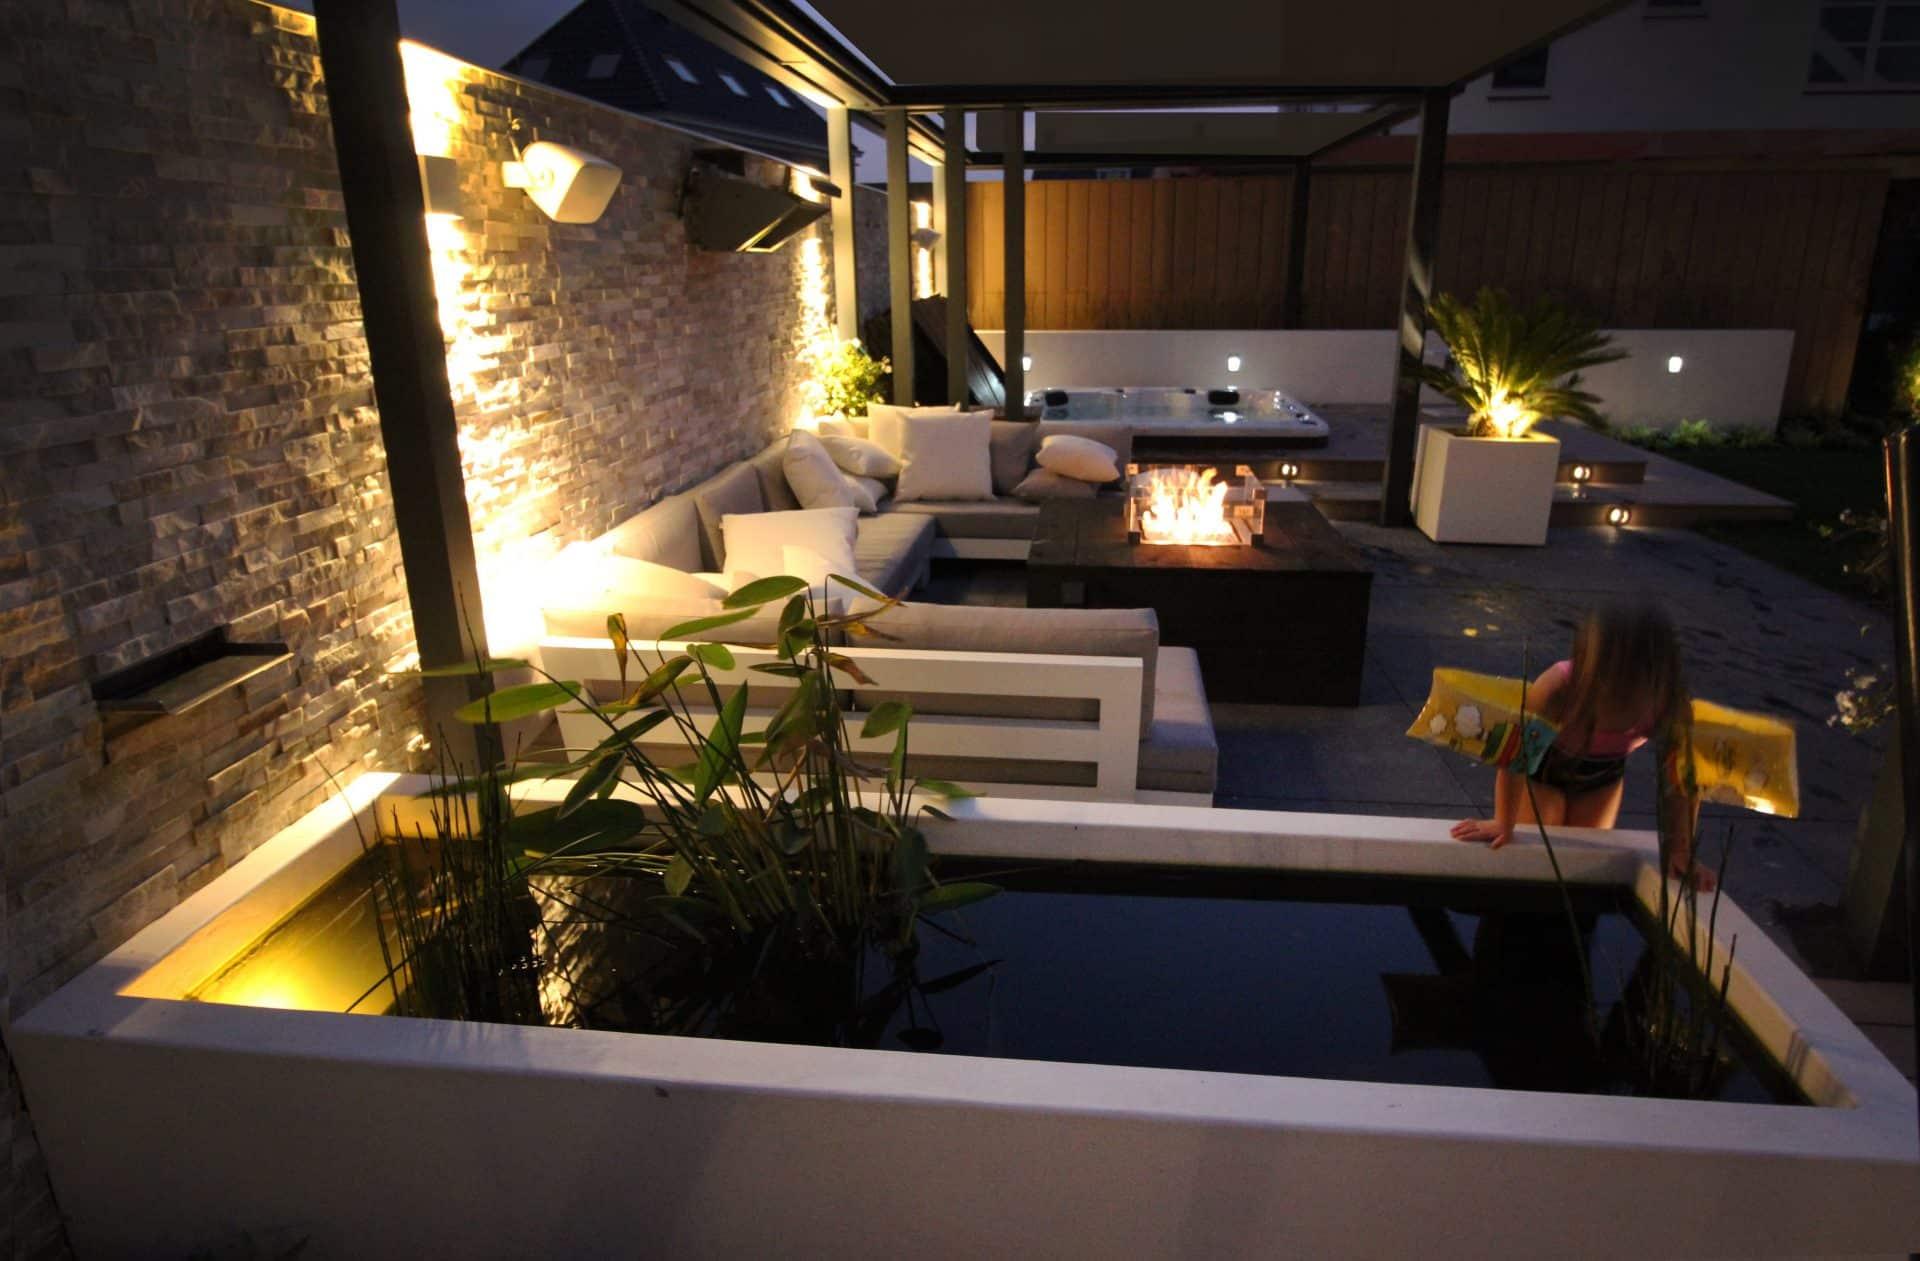 tuinontwerp Den Haag met jacuzzi en overdekt terras Jeroen Hamers